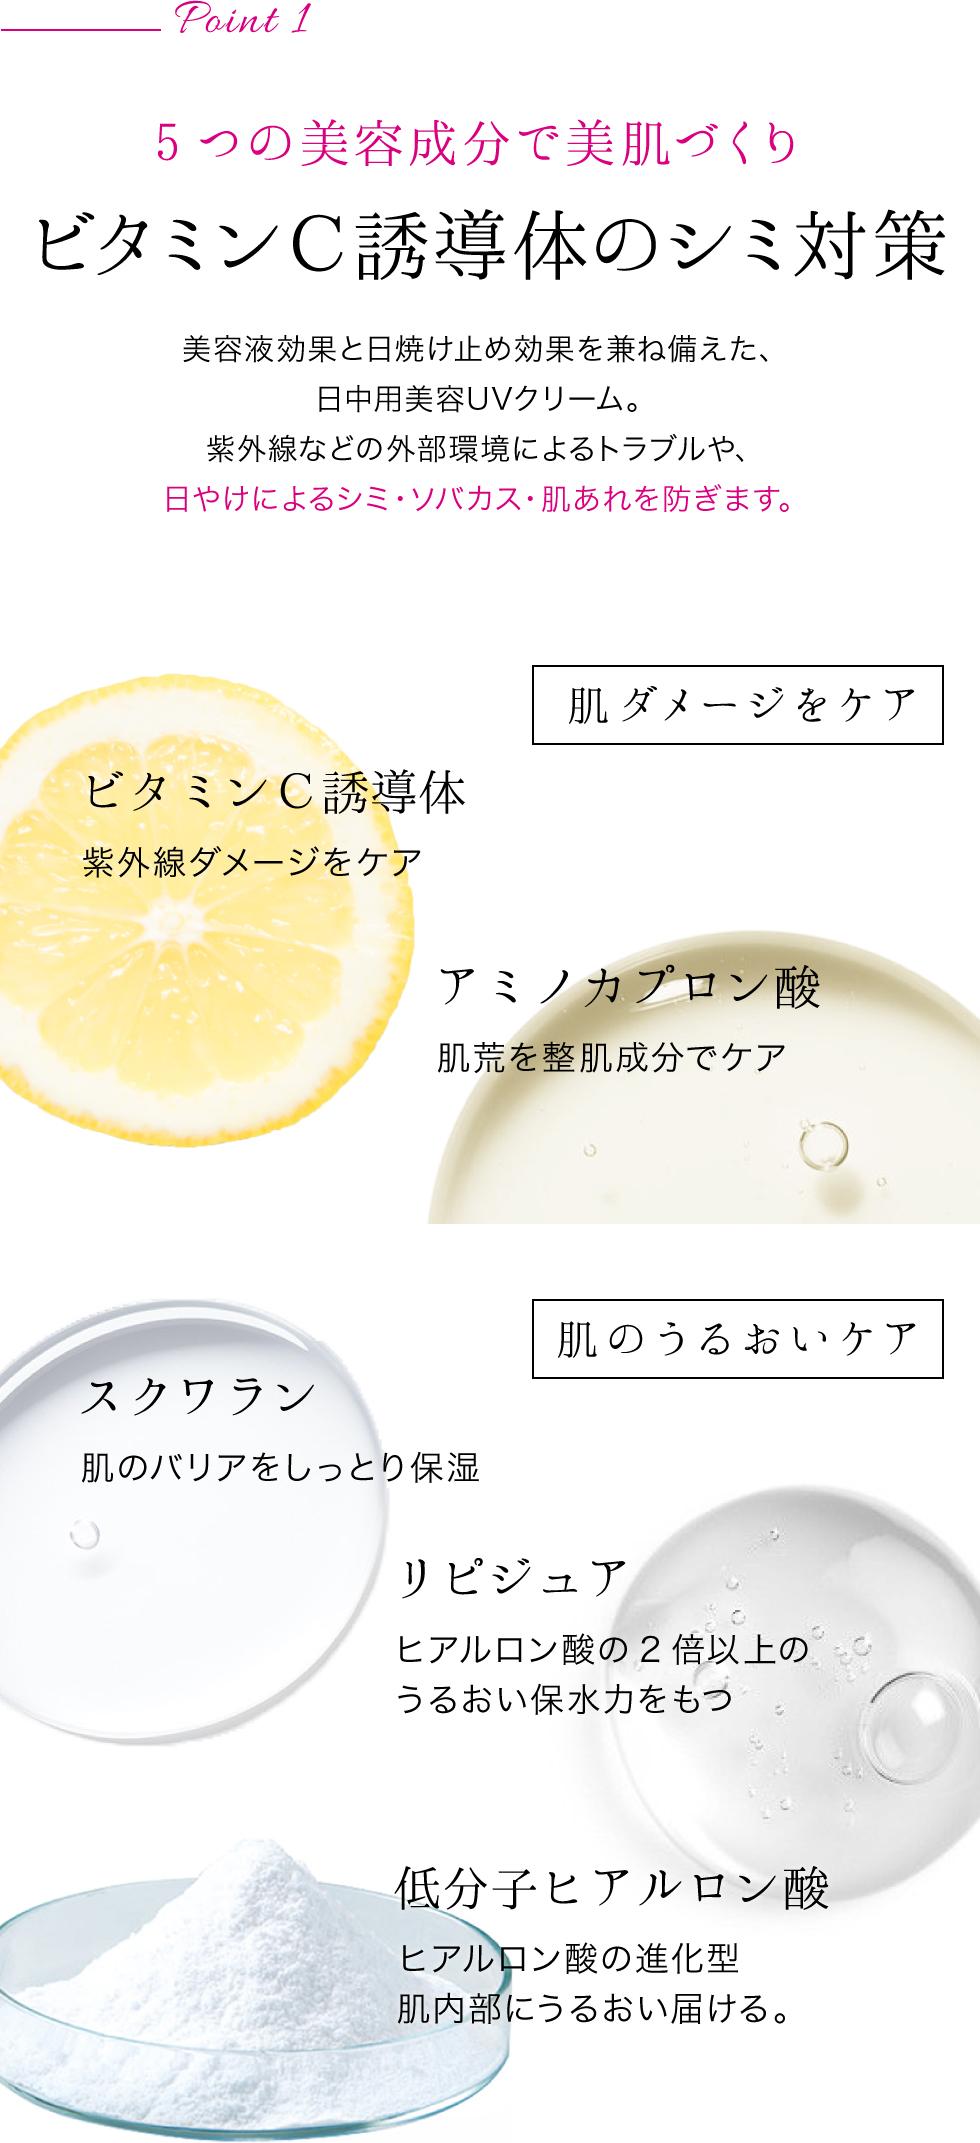 ポイント1・ビタミンC誘導体など美容成分5種類